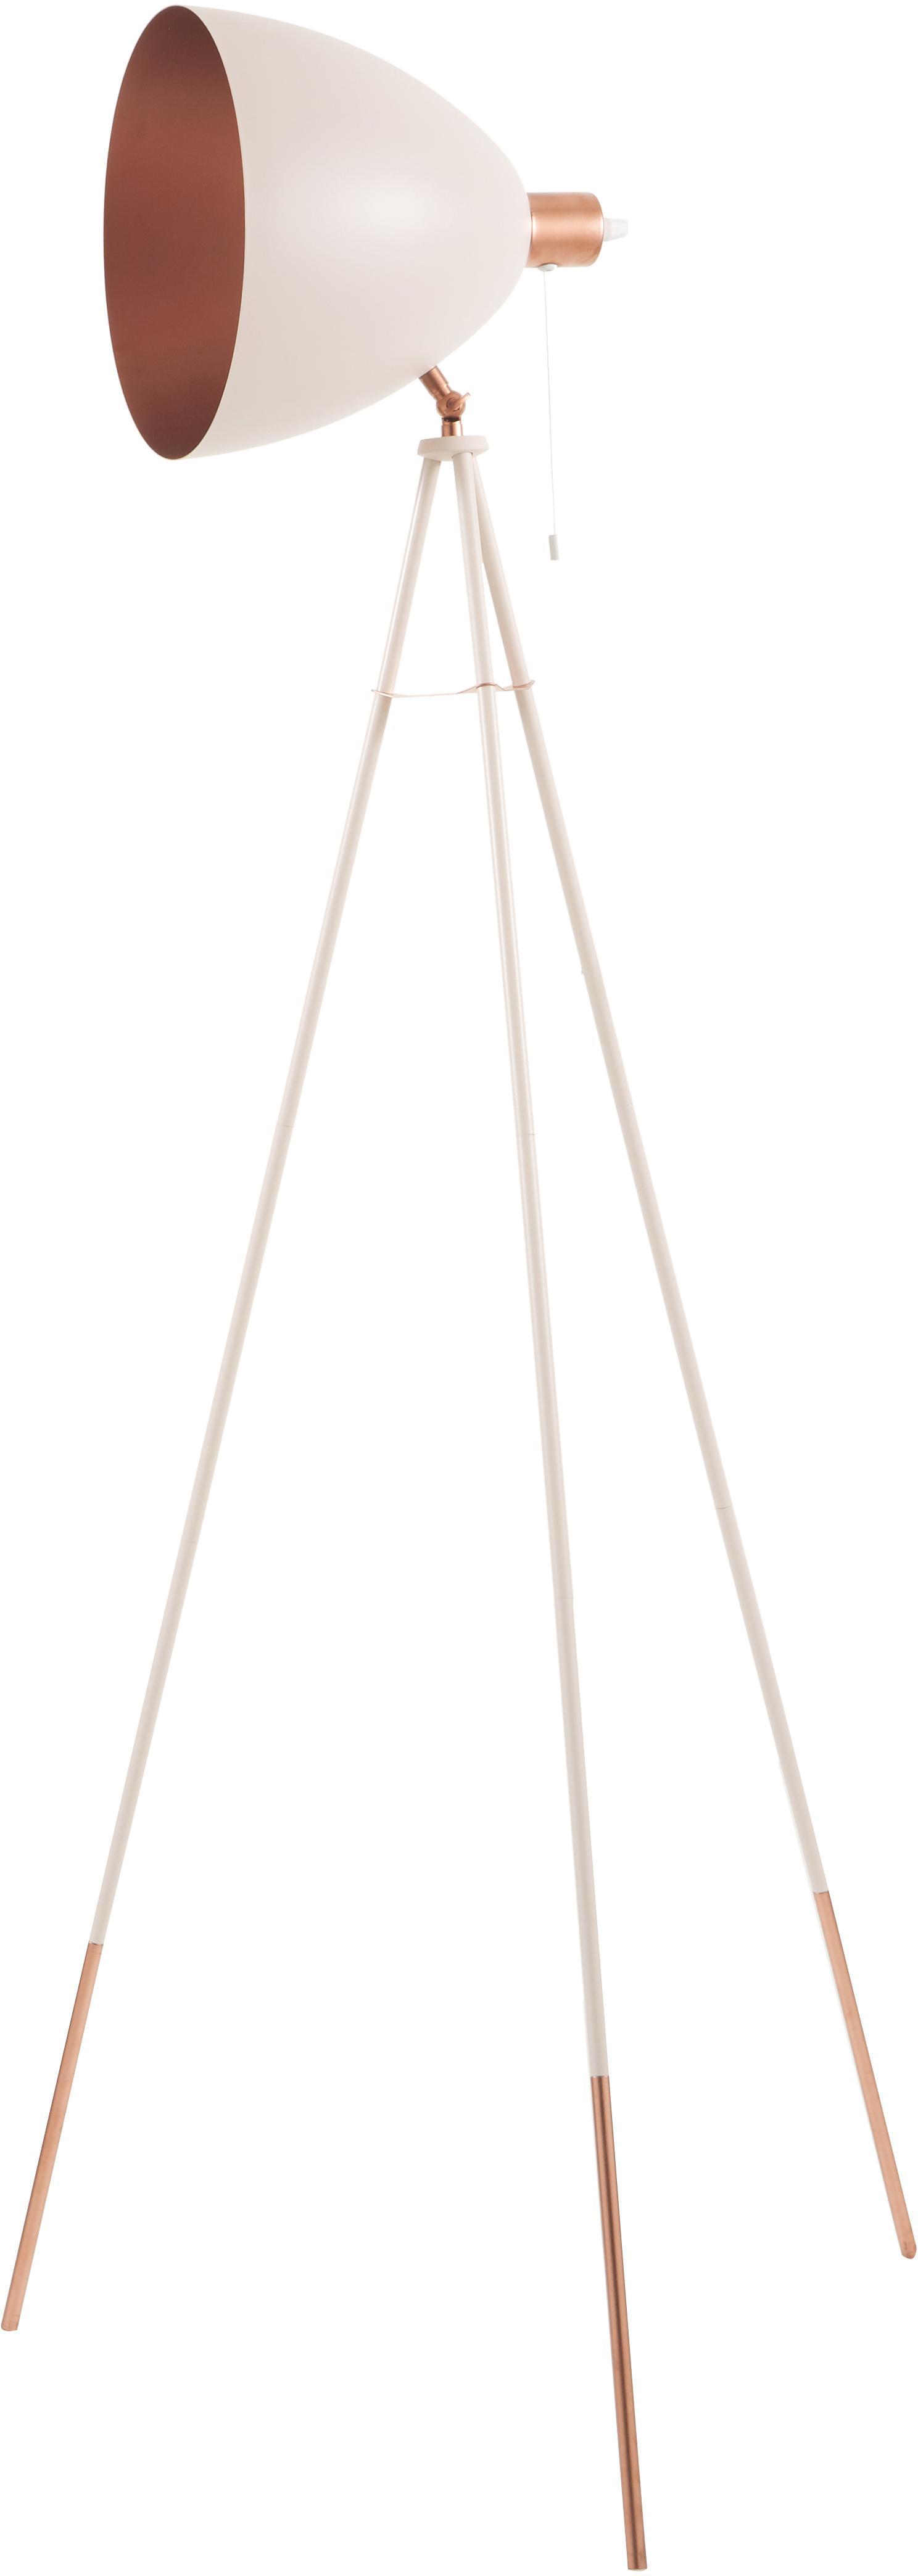 Industriële vloerlamp Chester, Roze, Ø 60 x H 135 cm